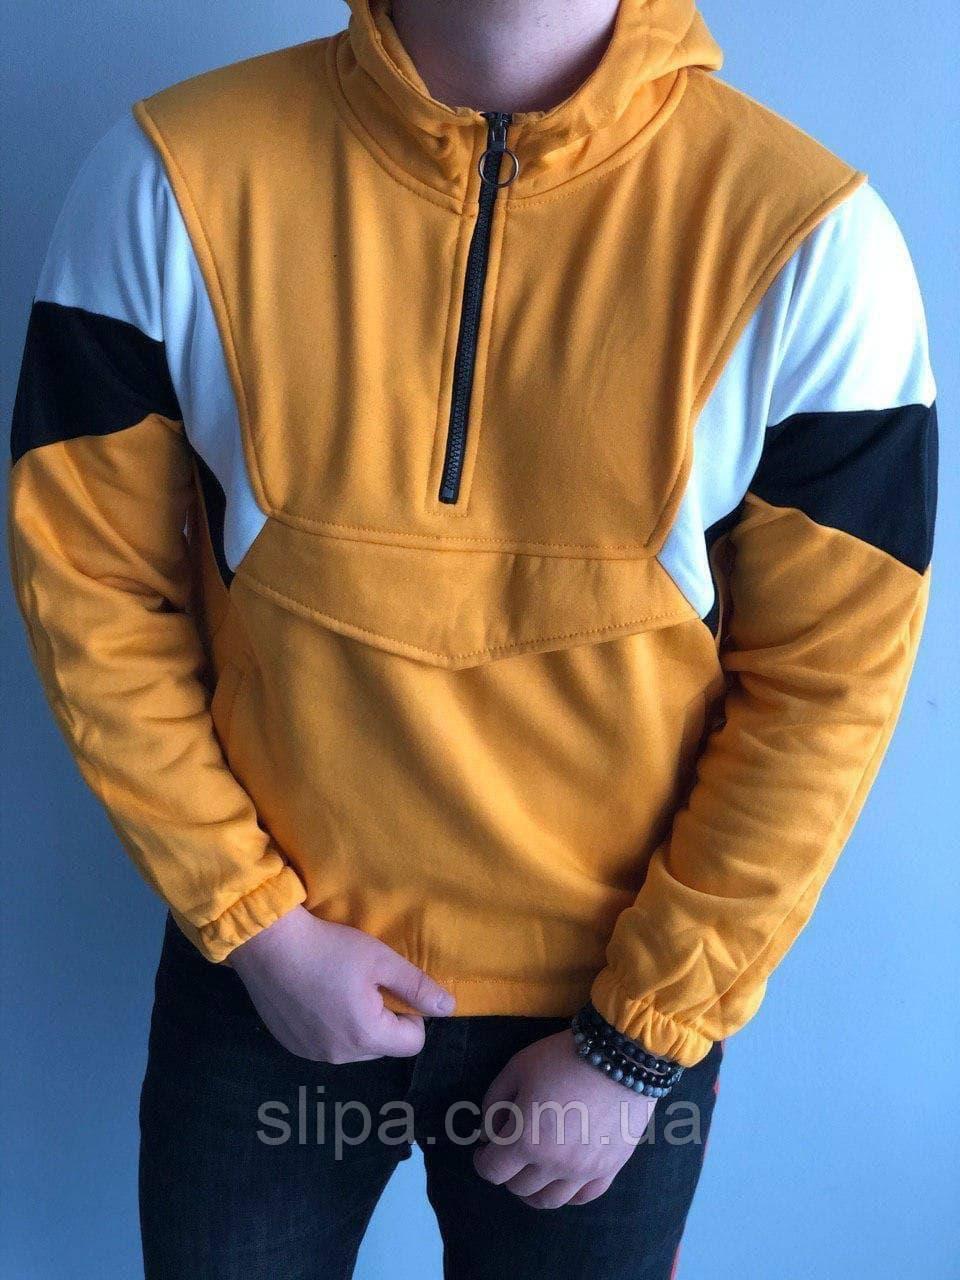 Мужская кофта с капюшоном на флисе с половинной молнией жёлтая